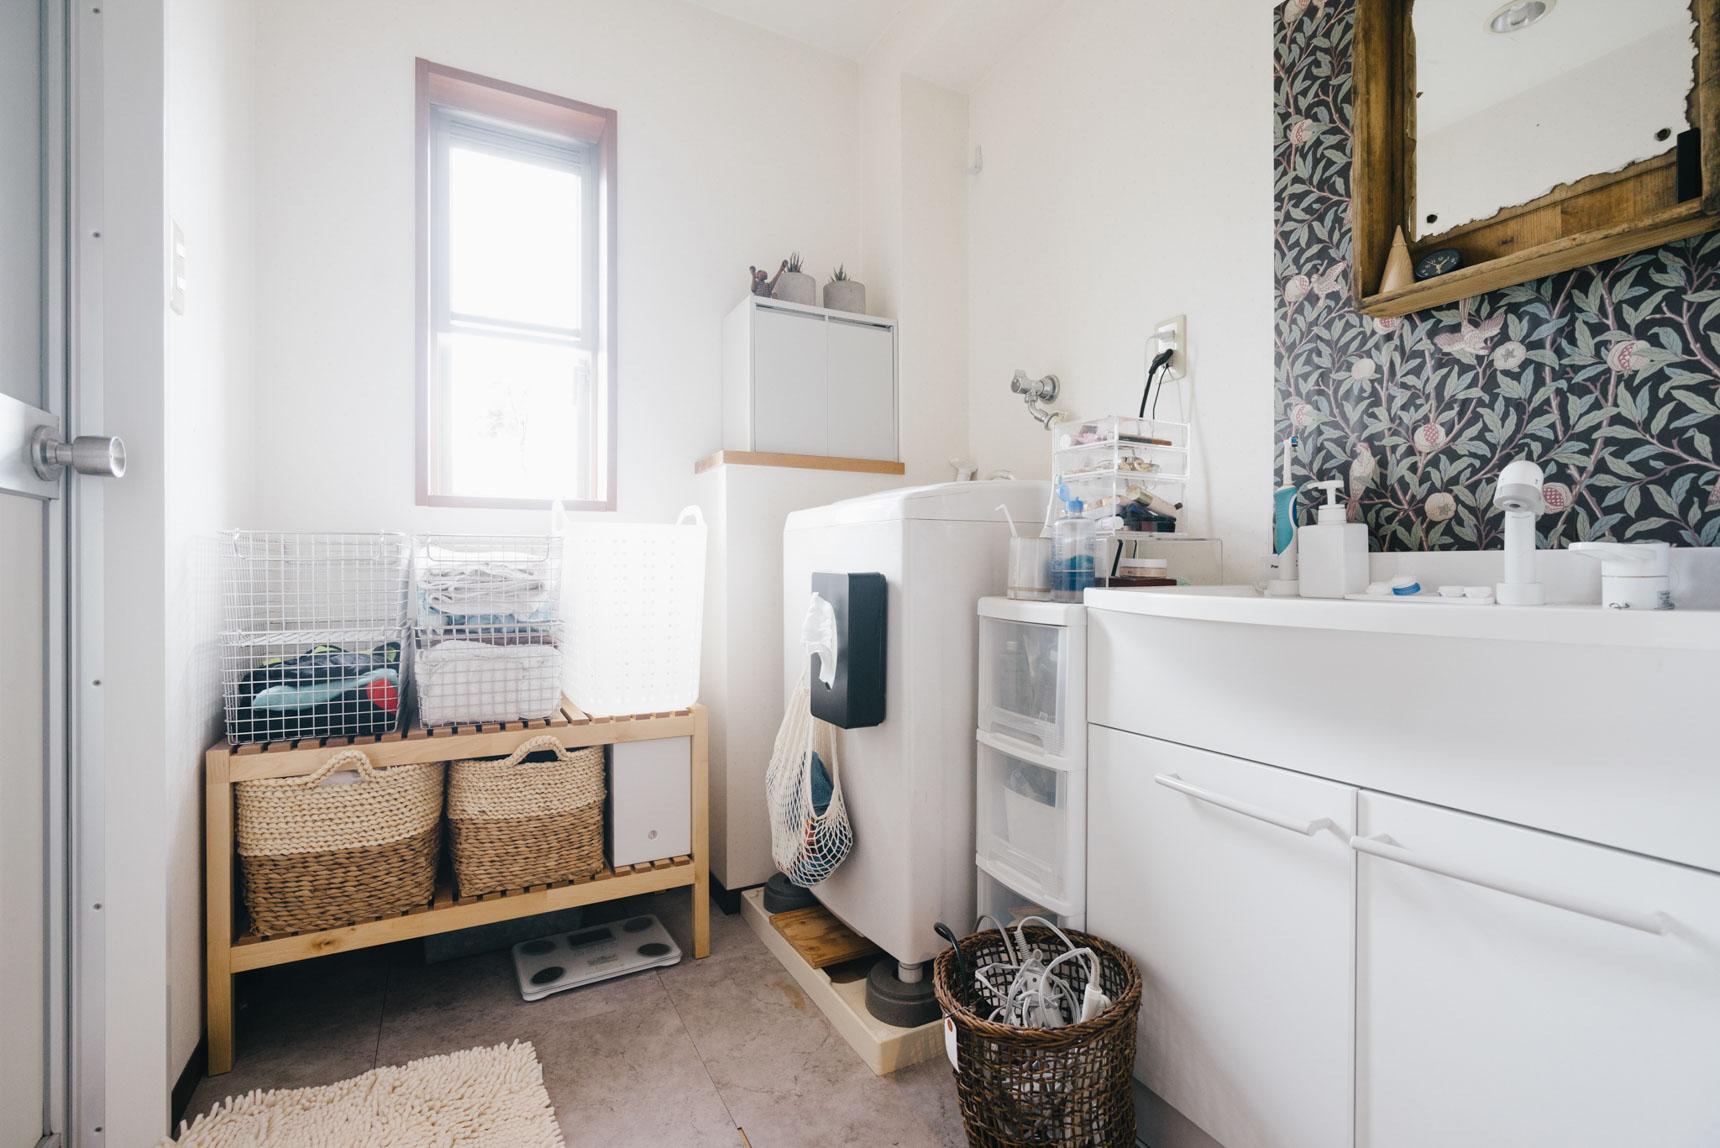 洗面スペースがとても綺麗に整っていて、素敵だなぁと思いました。床には大理石調のフロアタイルが敷かれています。